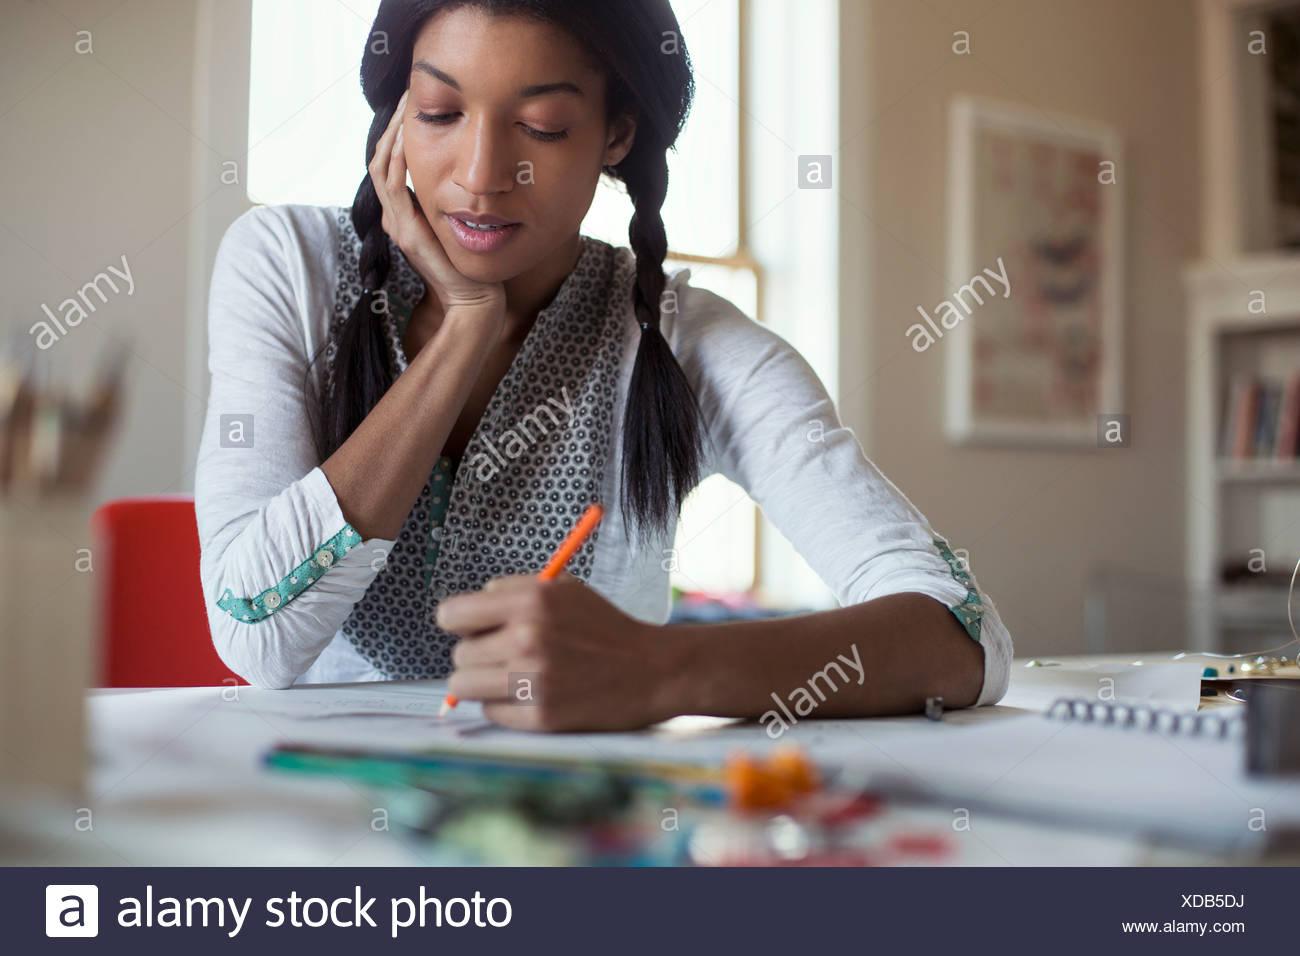 Disegno Uomo Alla Scrivania : Metà femmina adulta gioielli artista disegno alla scrivania foto